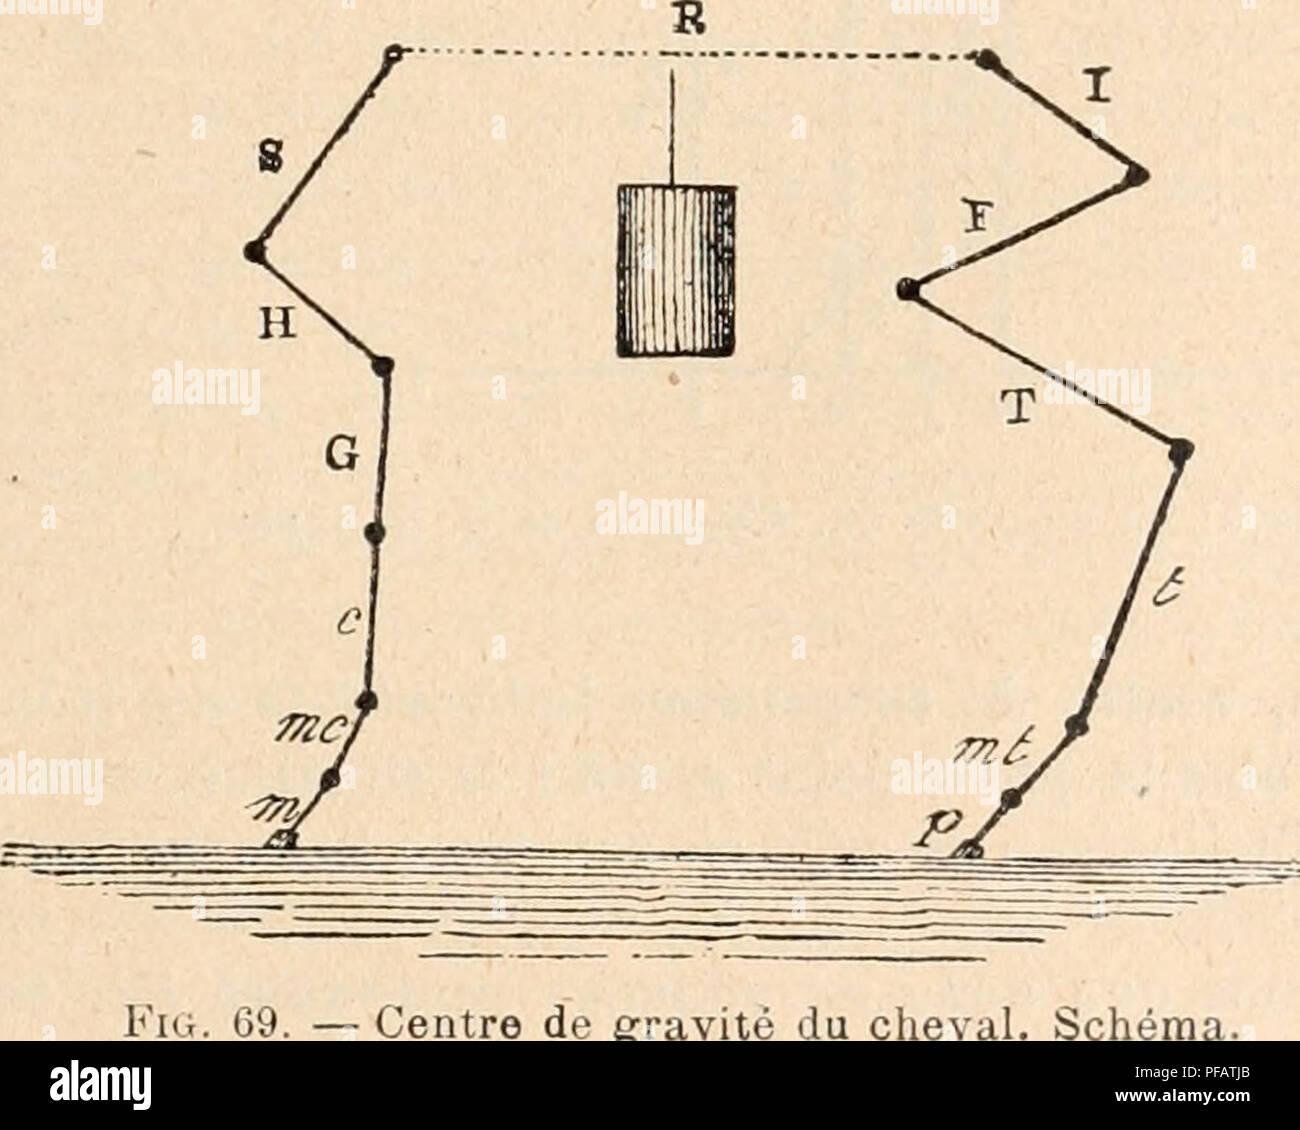 """. Dictionnaire de physiologie. La physiologie. FiG. 68. Squelette du cheval. C'est ce dernier genre de station qui nous permettra d'apprécier les conditions d'équilibre de l'animal sur ses quatre membres. Richard (du Cantal) (i8i7) comparer les quatre membres du cheval à quatre colonnes verticales"""", soumises aux lois des colonnes ordinaires, la verticalité, la direction perpen- diculaire à la surface d'appui vK ainsi que l'a dit Giraud-Teulon^ (1858), les membres antérieurs à bien are provided première vue l'aspect d'une colonne. En réalité, il n'en est pas ainsi, et le squelette de l'anim Photo Stock"""